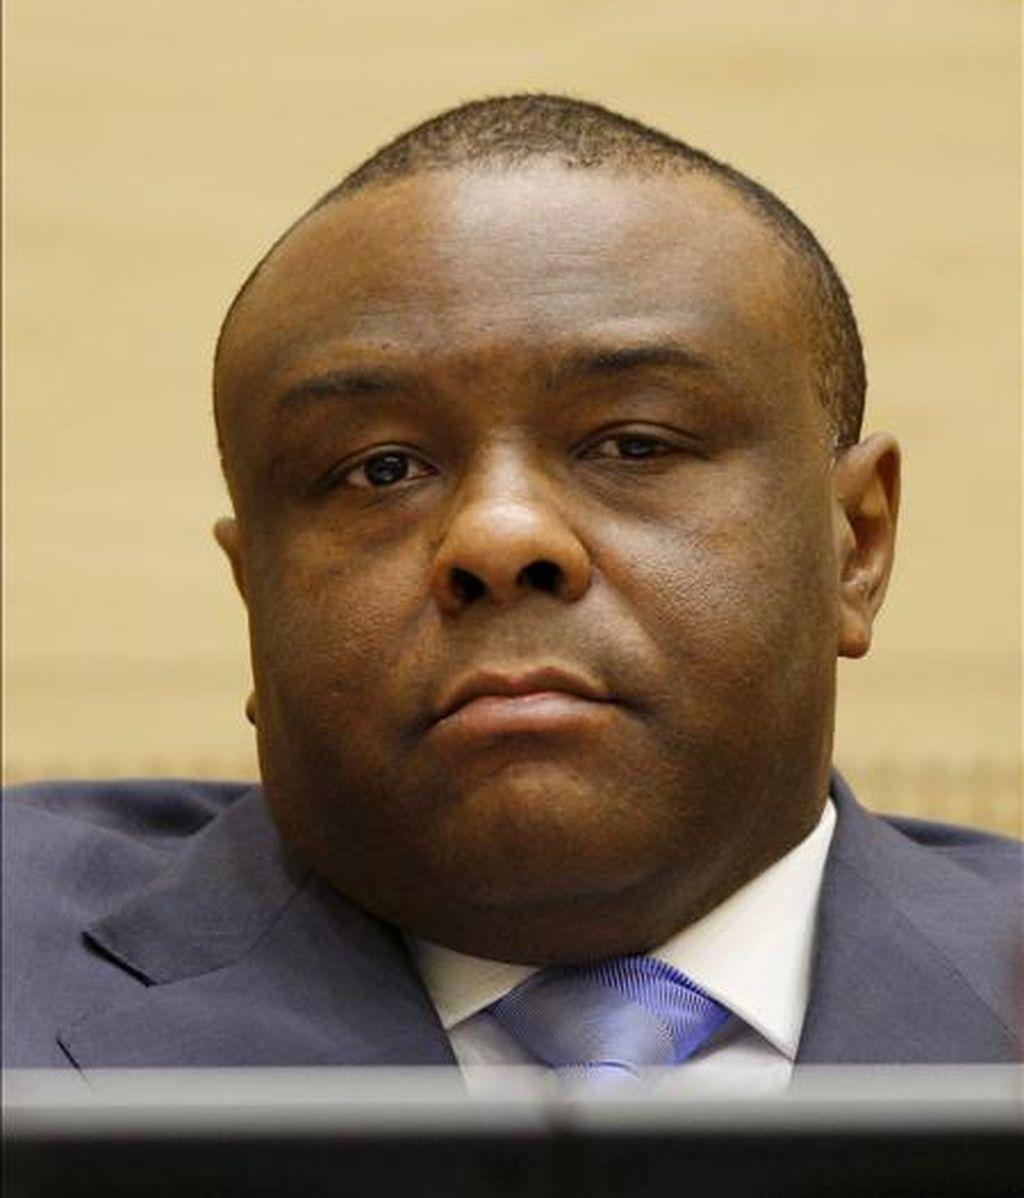 El ex vicepresidente congolés Jean-Pierre Bemba, ante la Corte Penal Internacional. EFE/Archivo